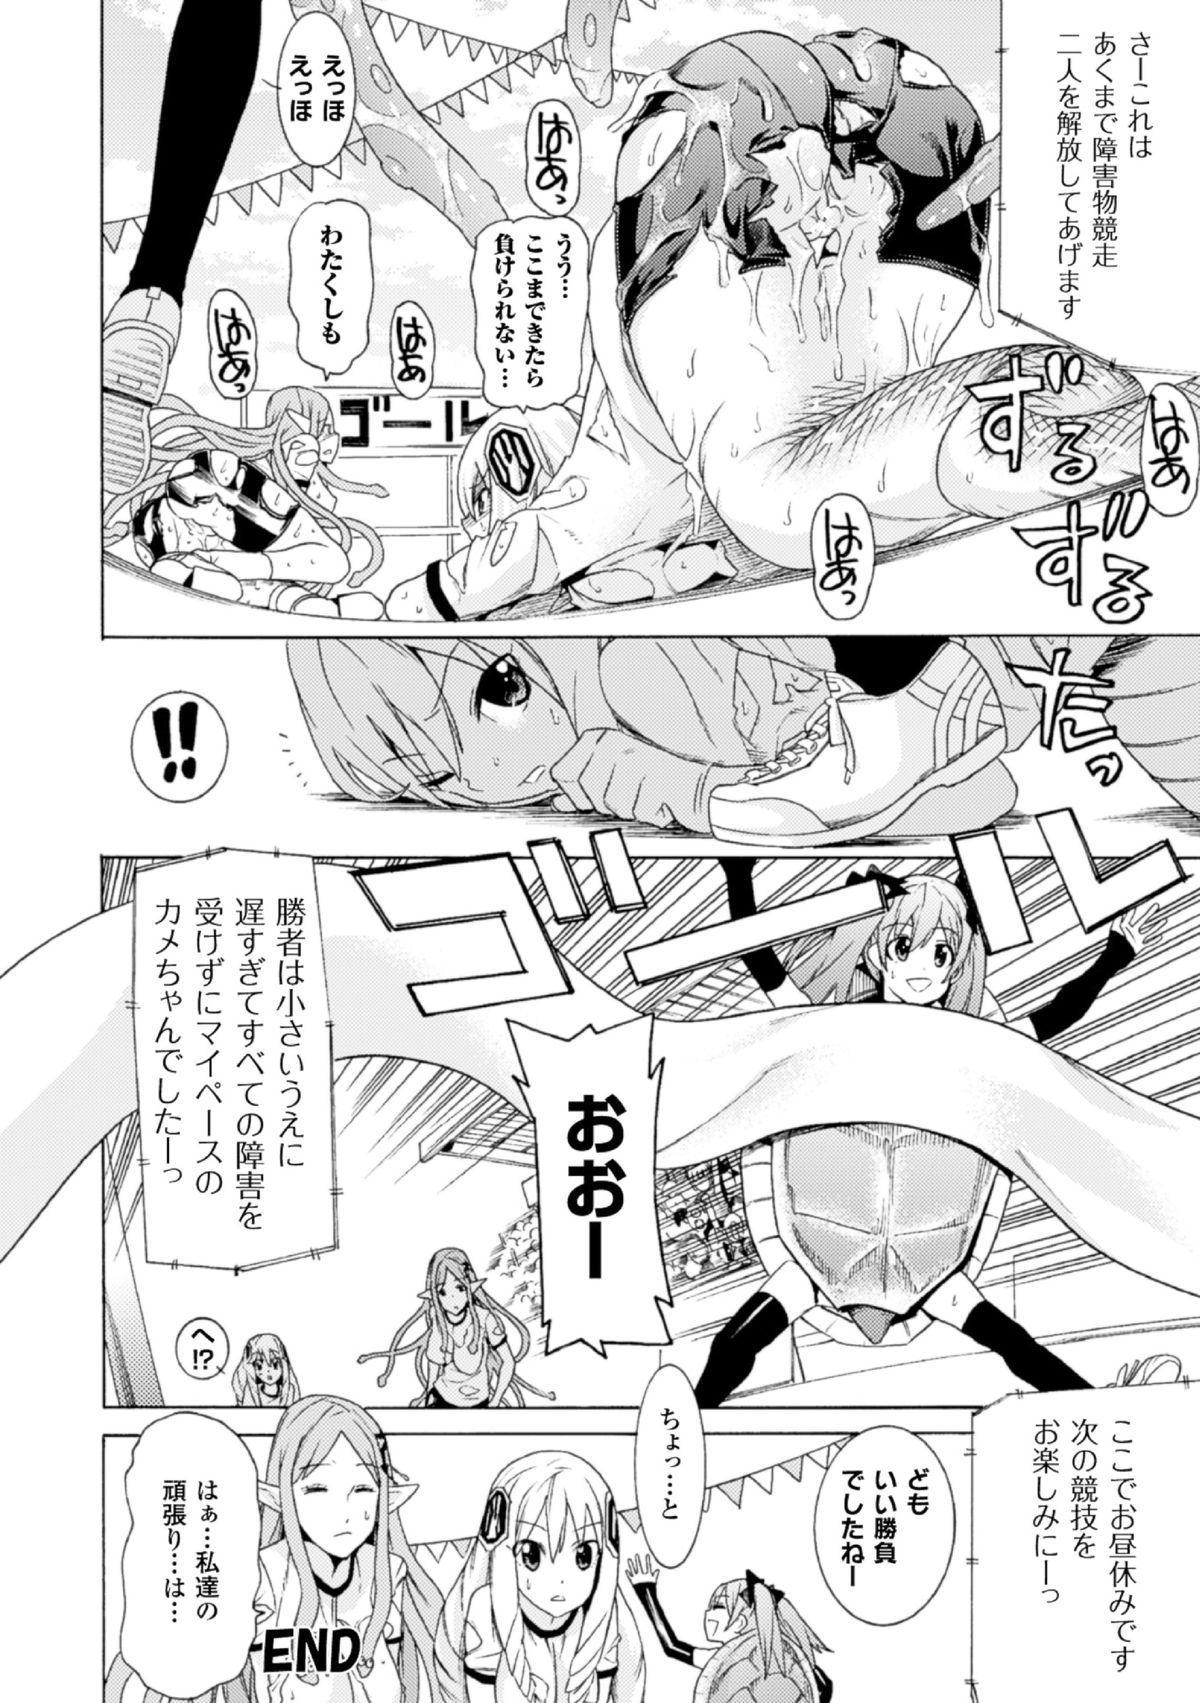 2D Comic Magazine - Monster Musume ga Tsudou Ishuzoku Gakuen e Youkoso! Vol. 2 21